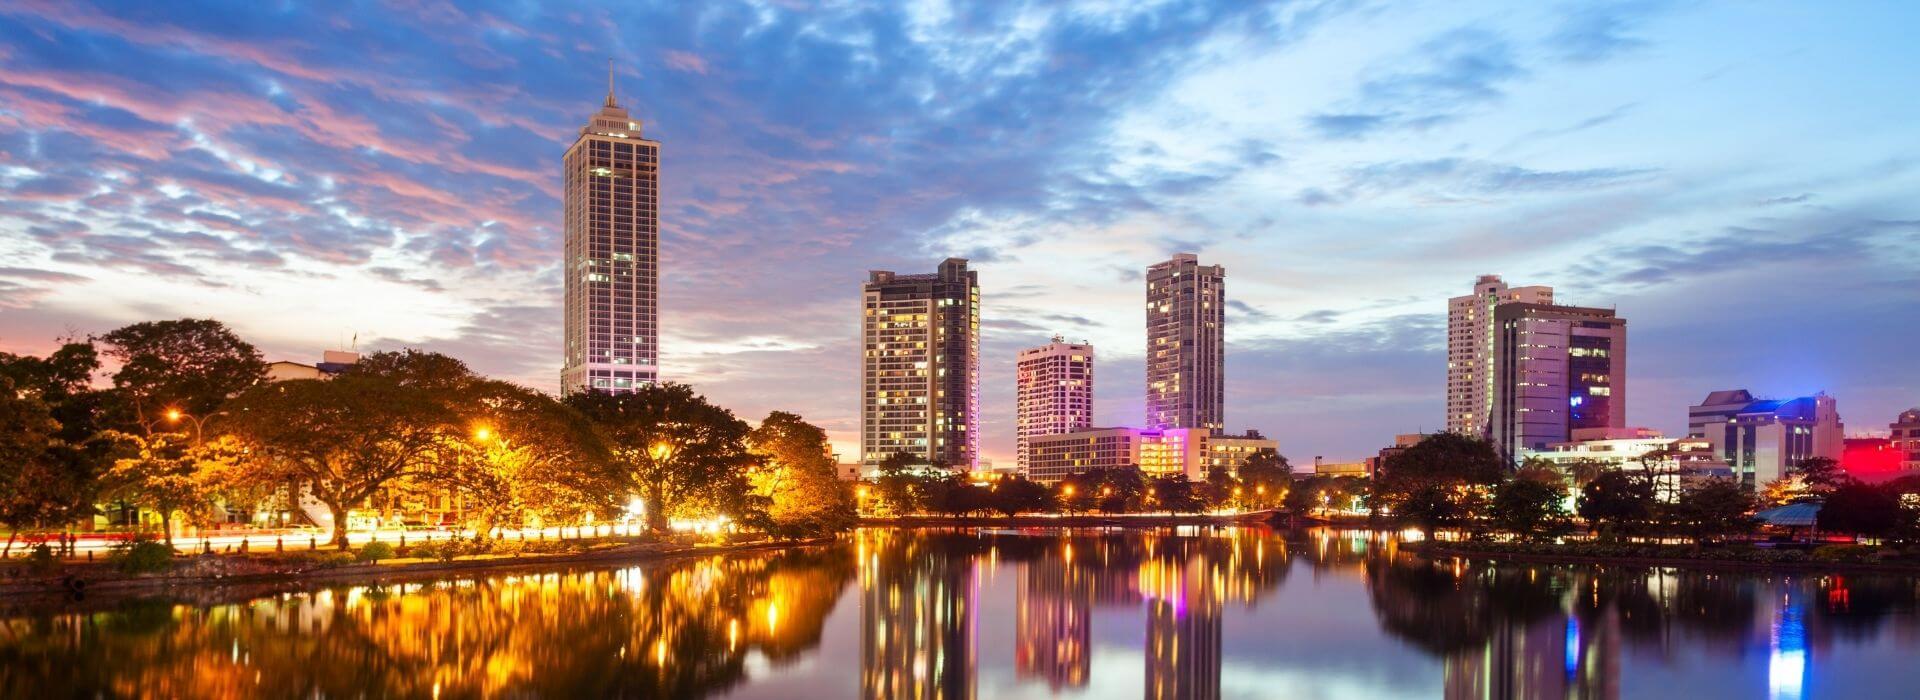 Colombo Skyline